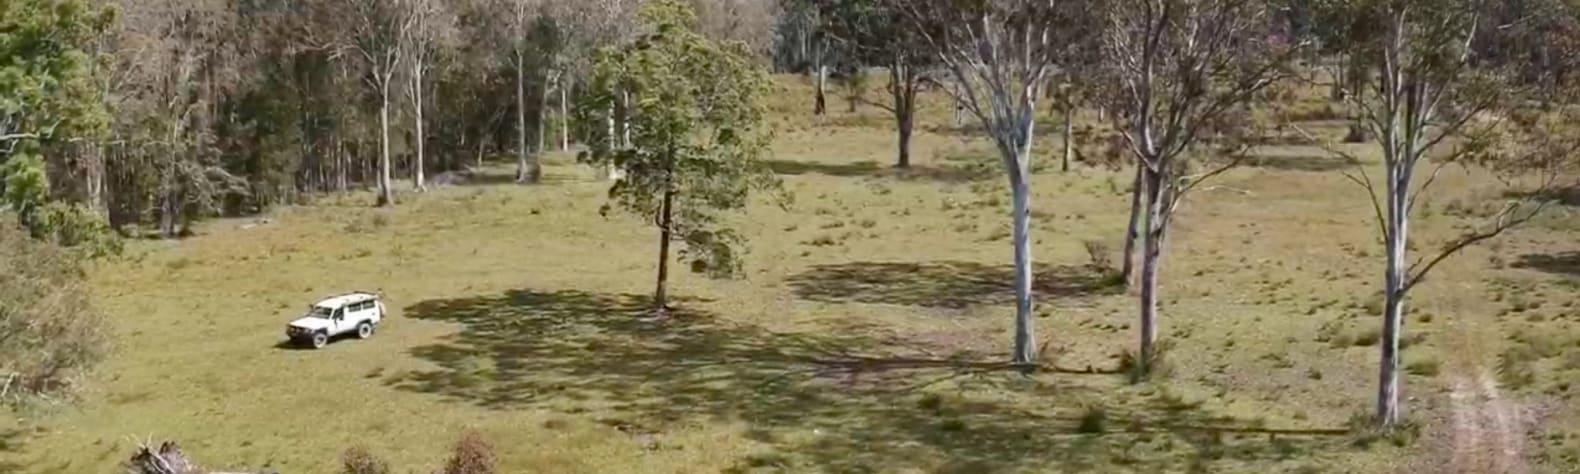 Pipe Dream Bush Camp